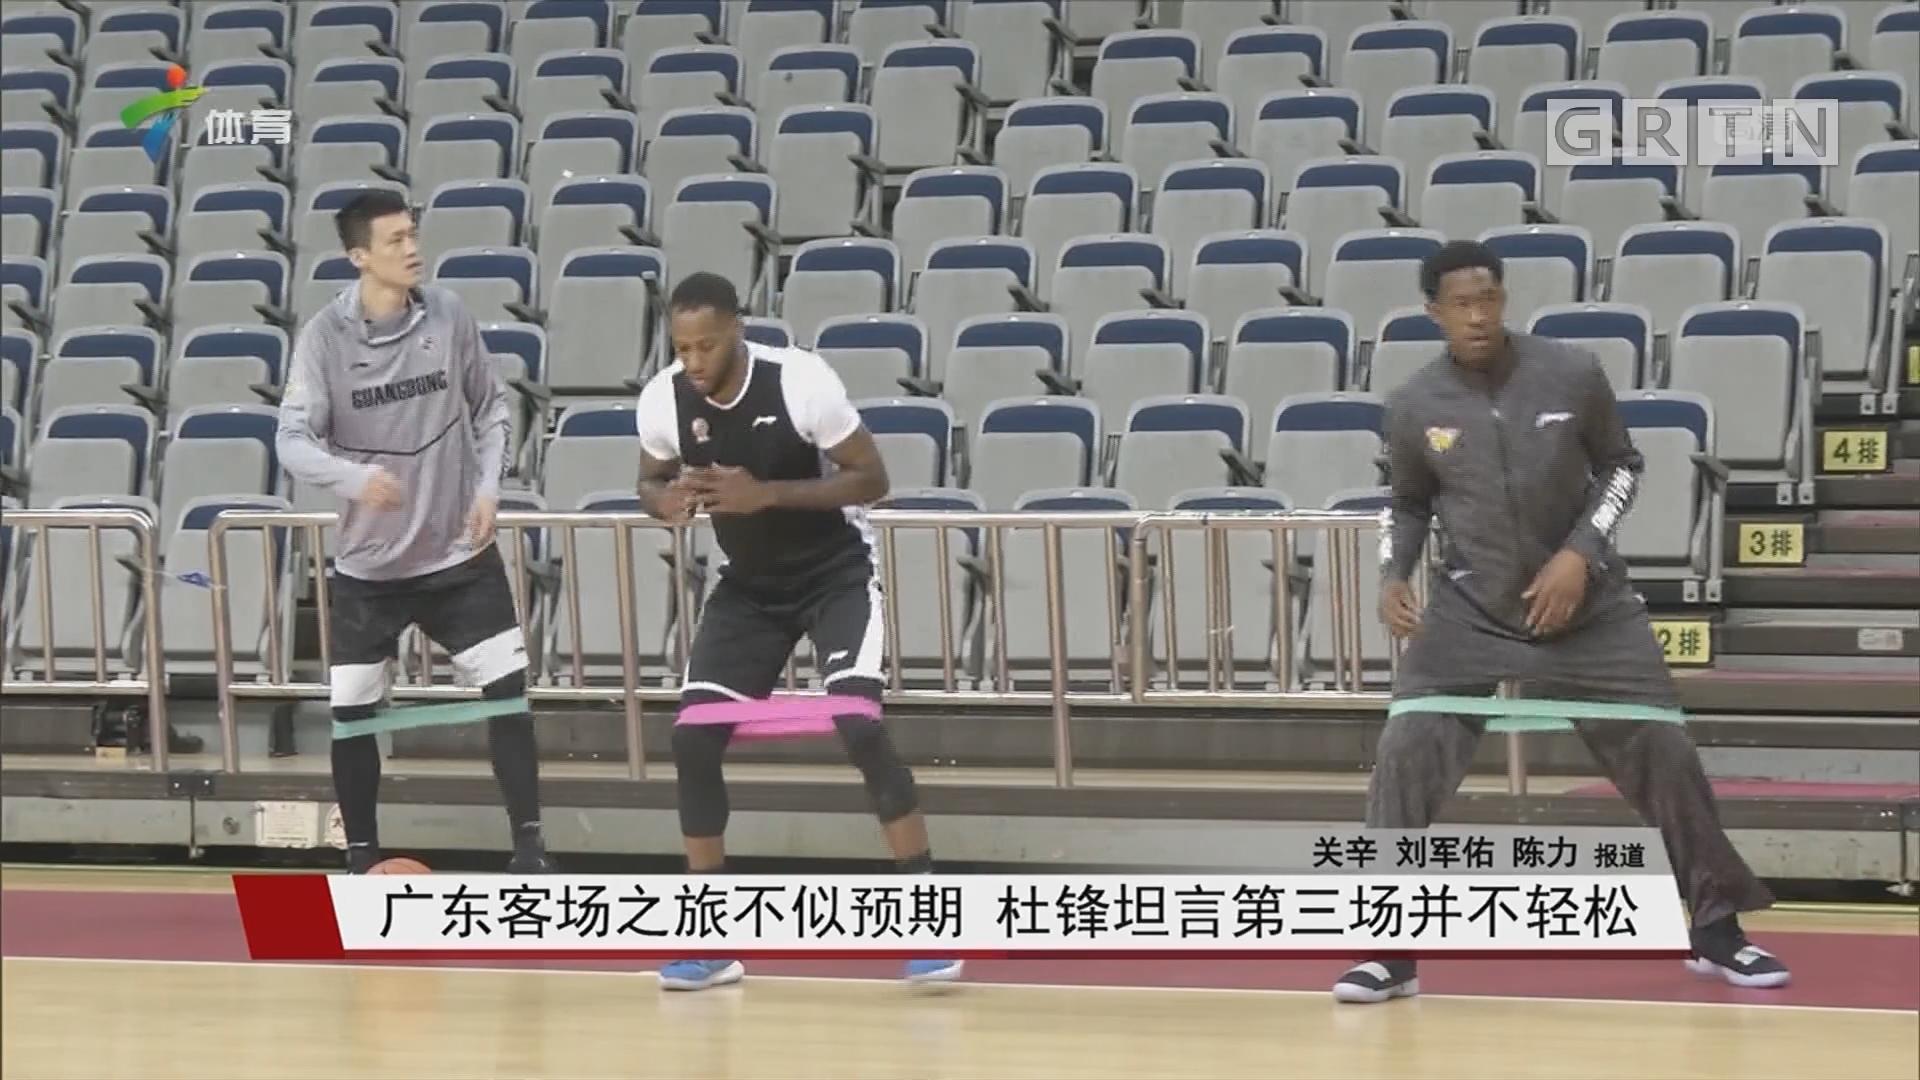 广东客场之旅不似预期 杜锋坦言第三场并不轻松